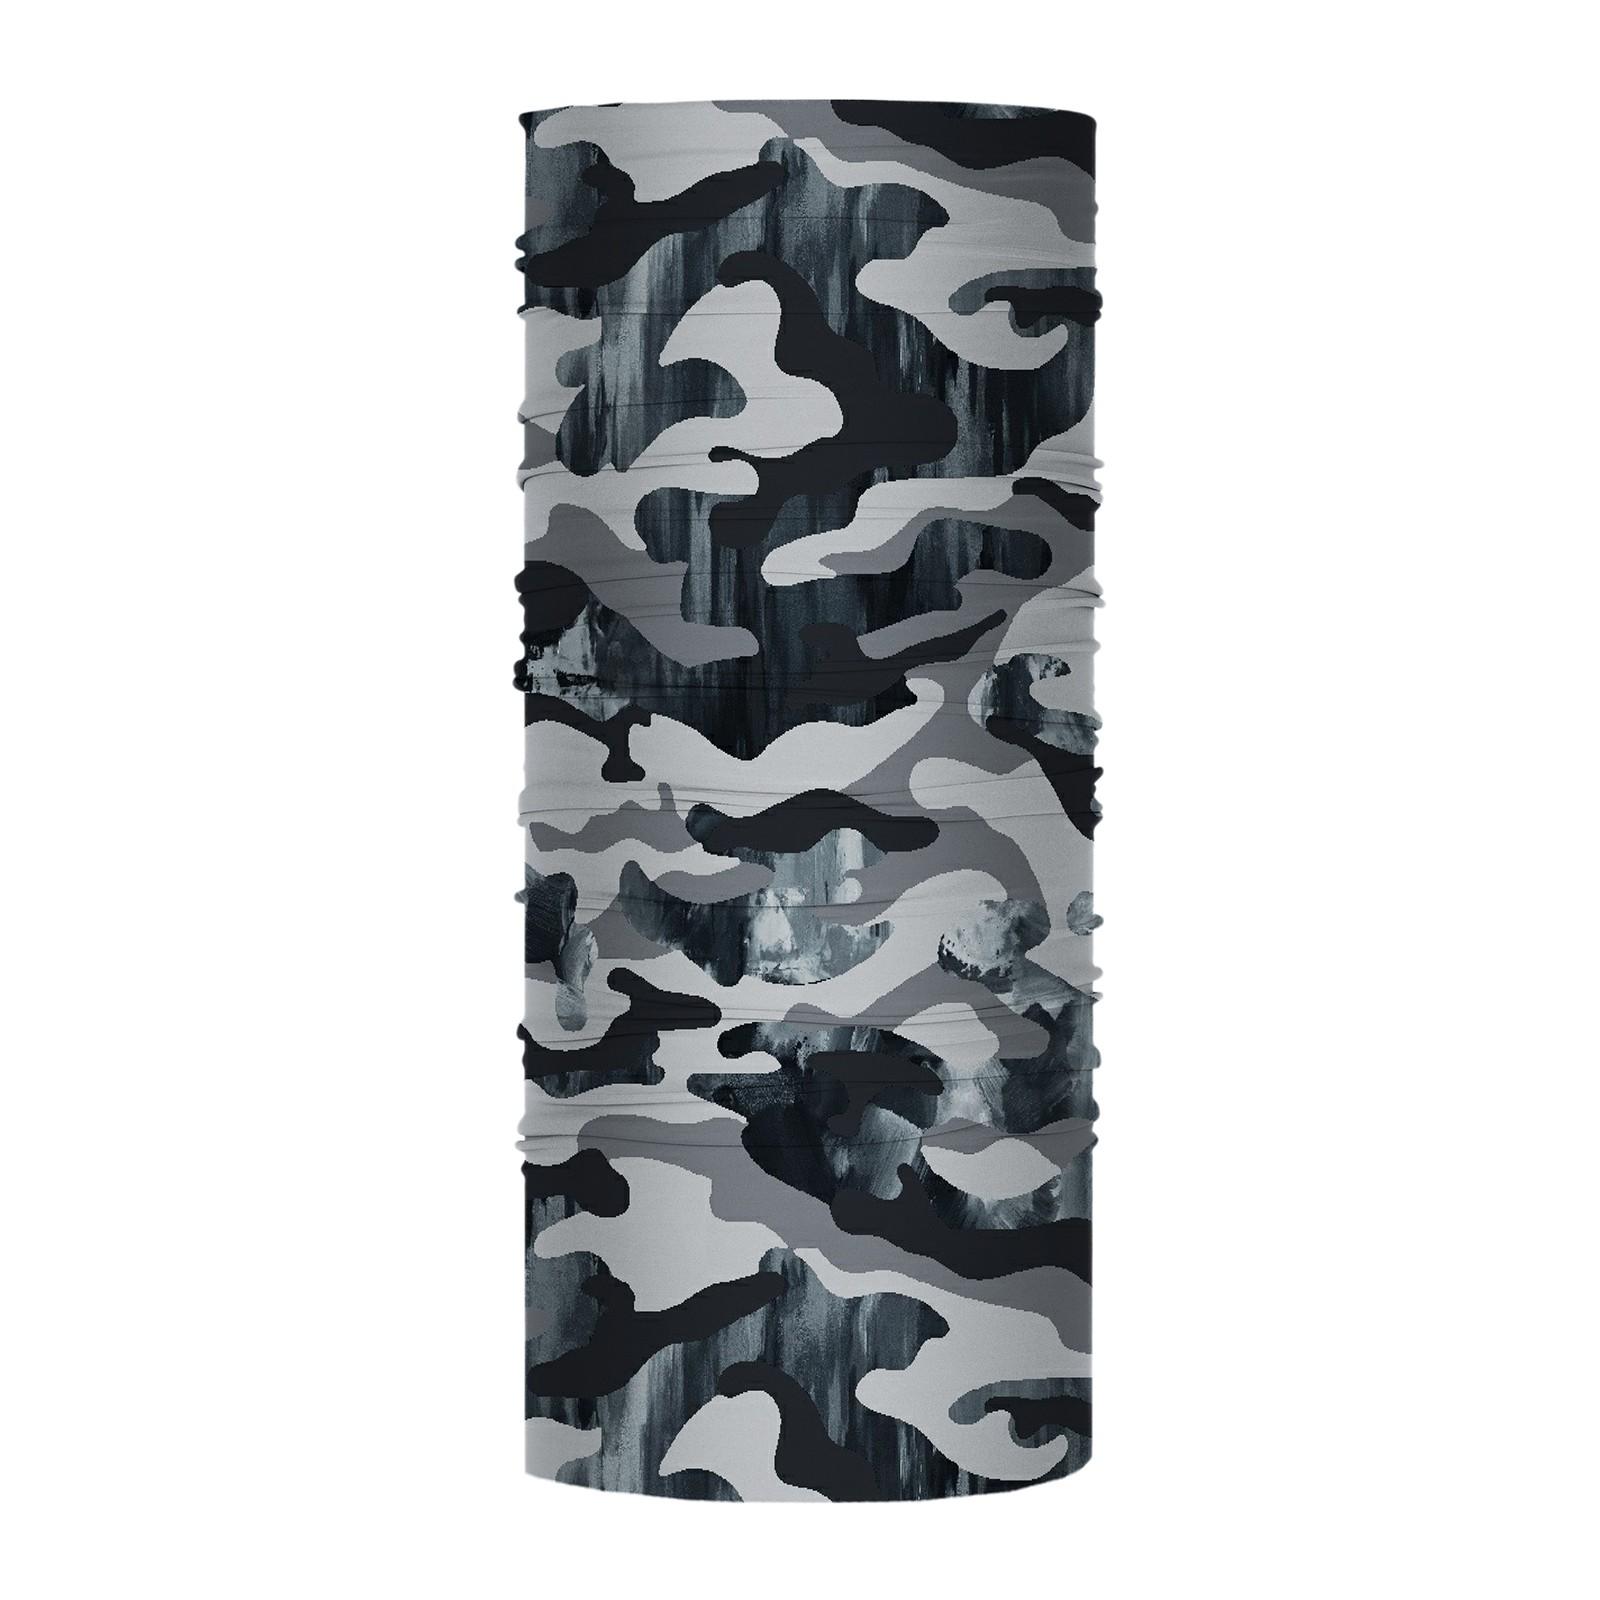 Bandana Media Grey Camouflage